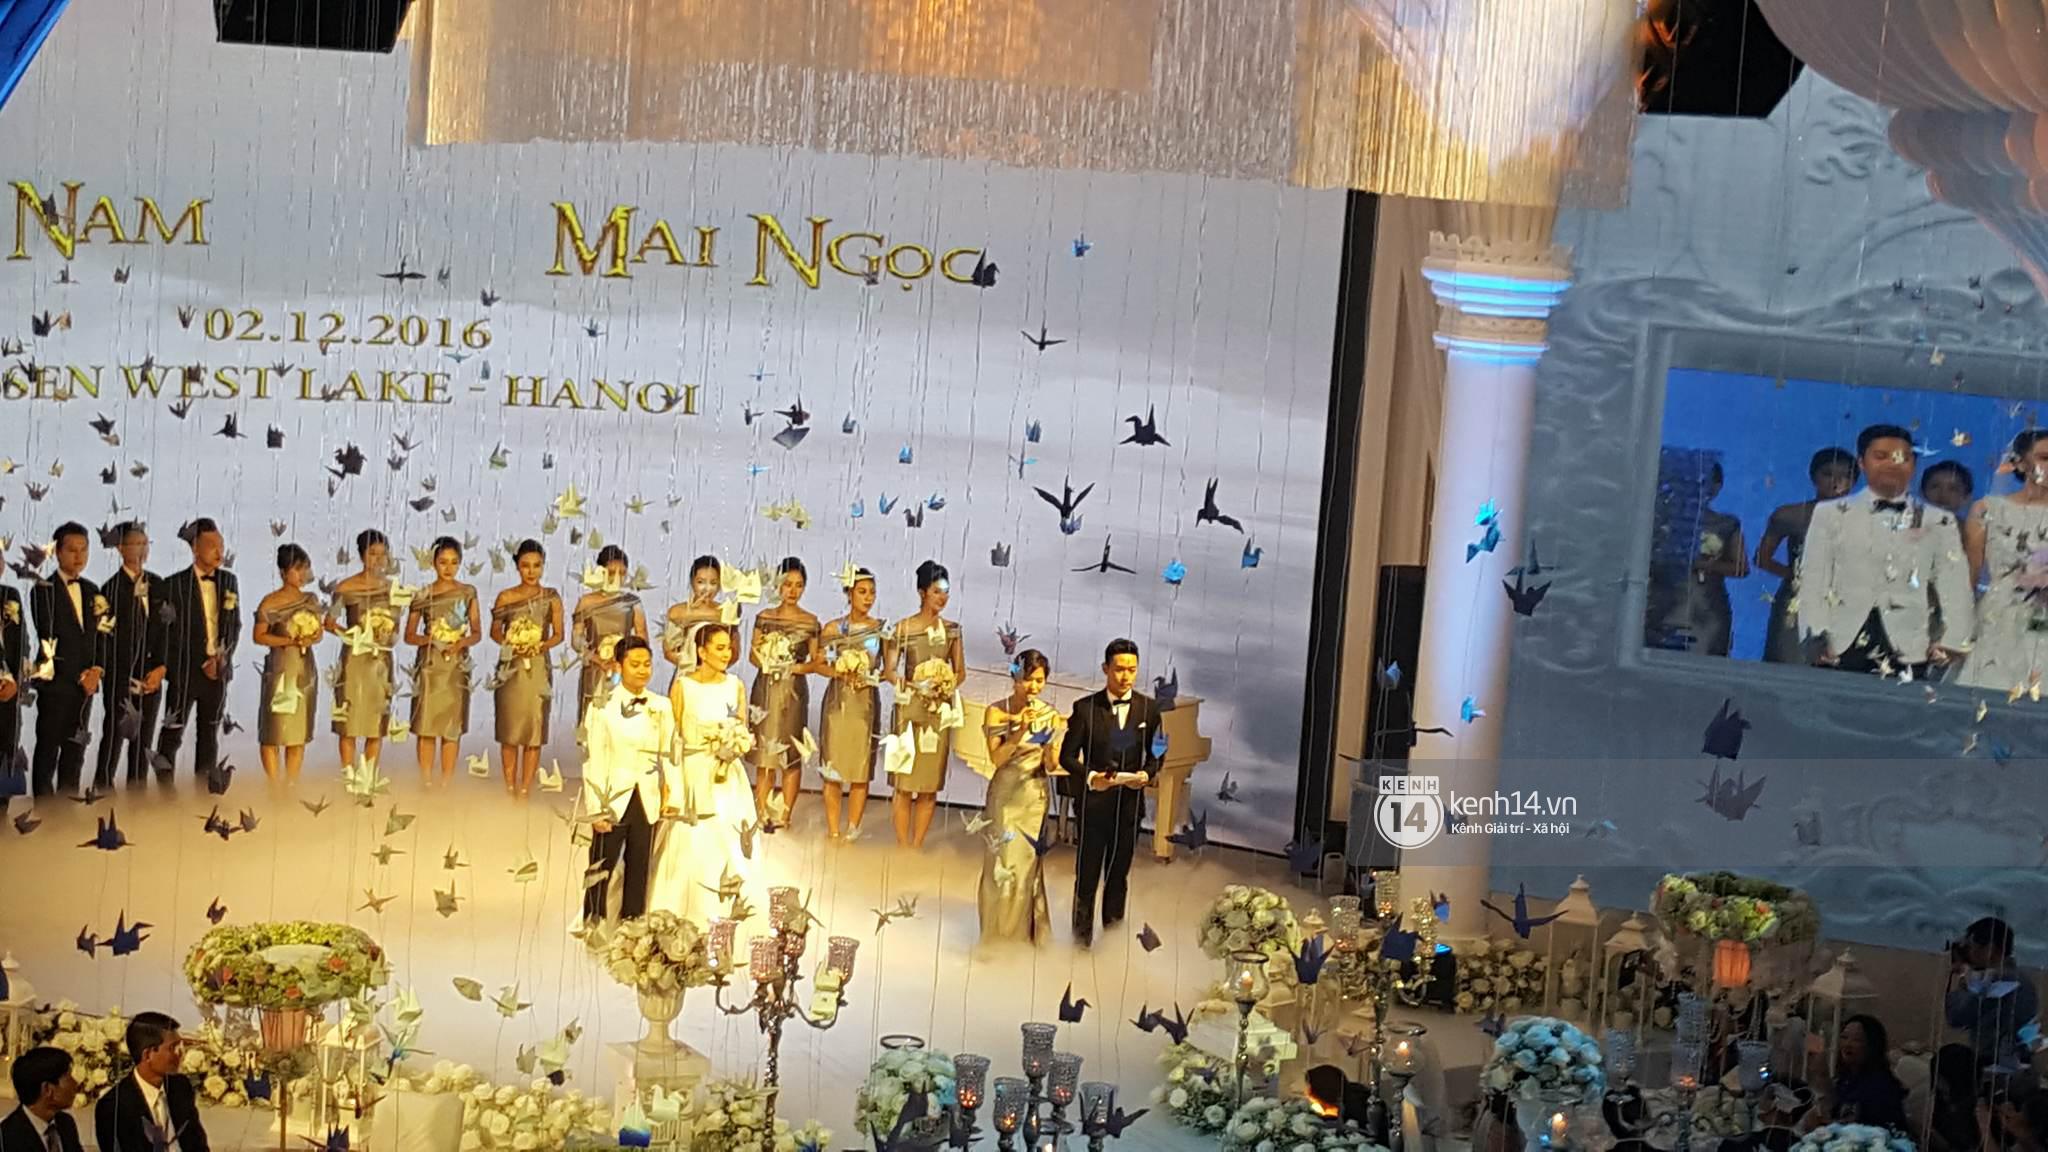 Đám cưới MC Mai Ngọc: Không gian lộng lẫy, cầu kỳ, xứng đáng là đám cưới sang chảnh nhất Hà Nội hôm nay - Ảnh 21.